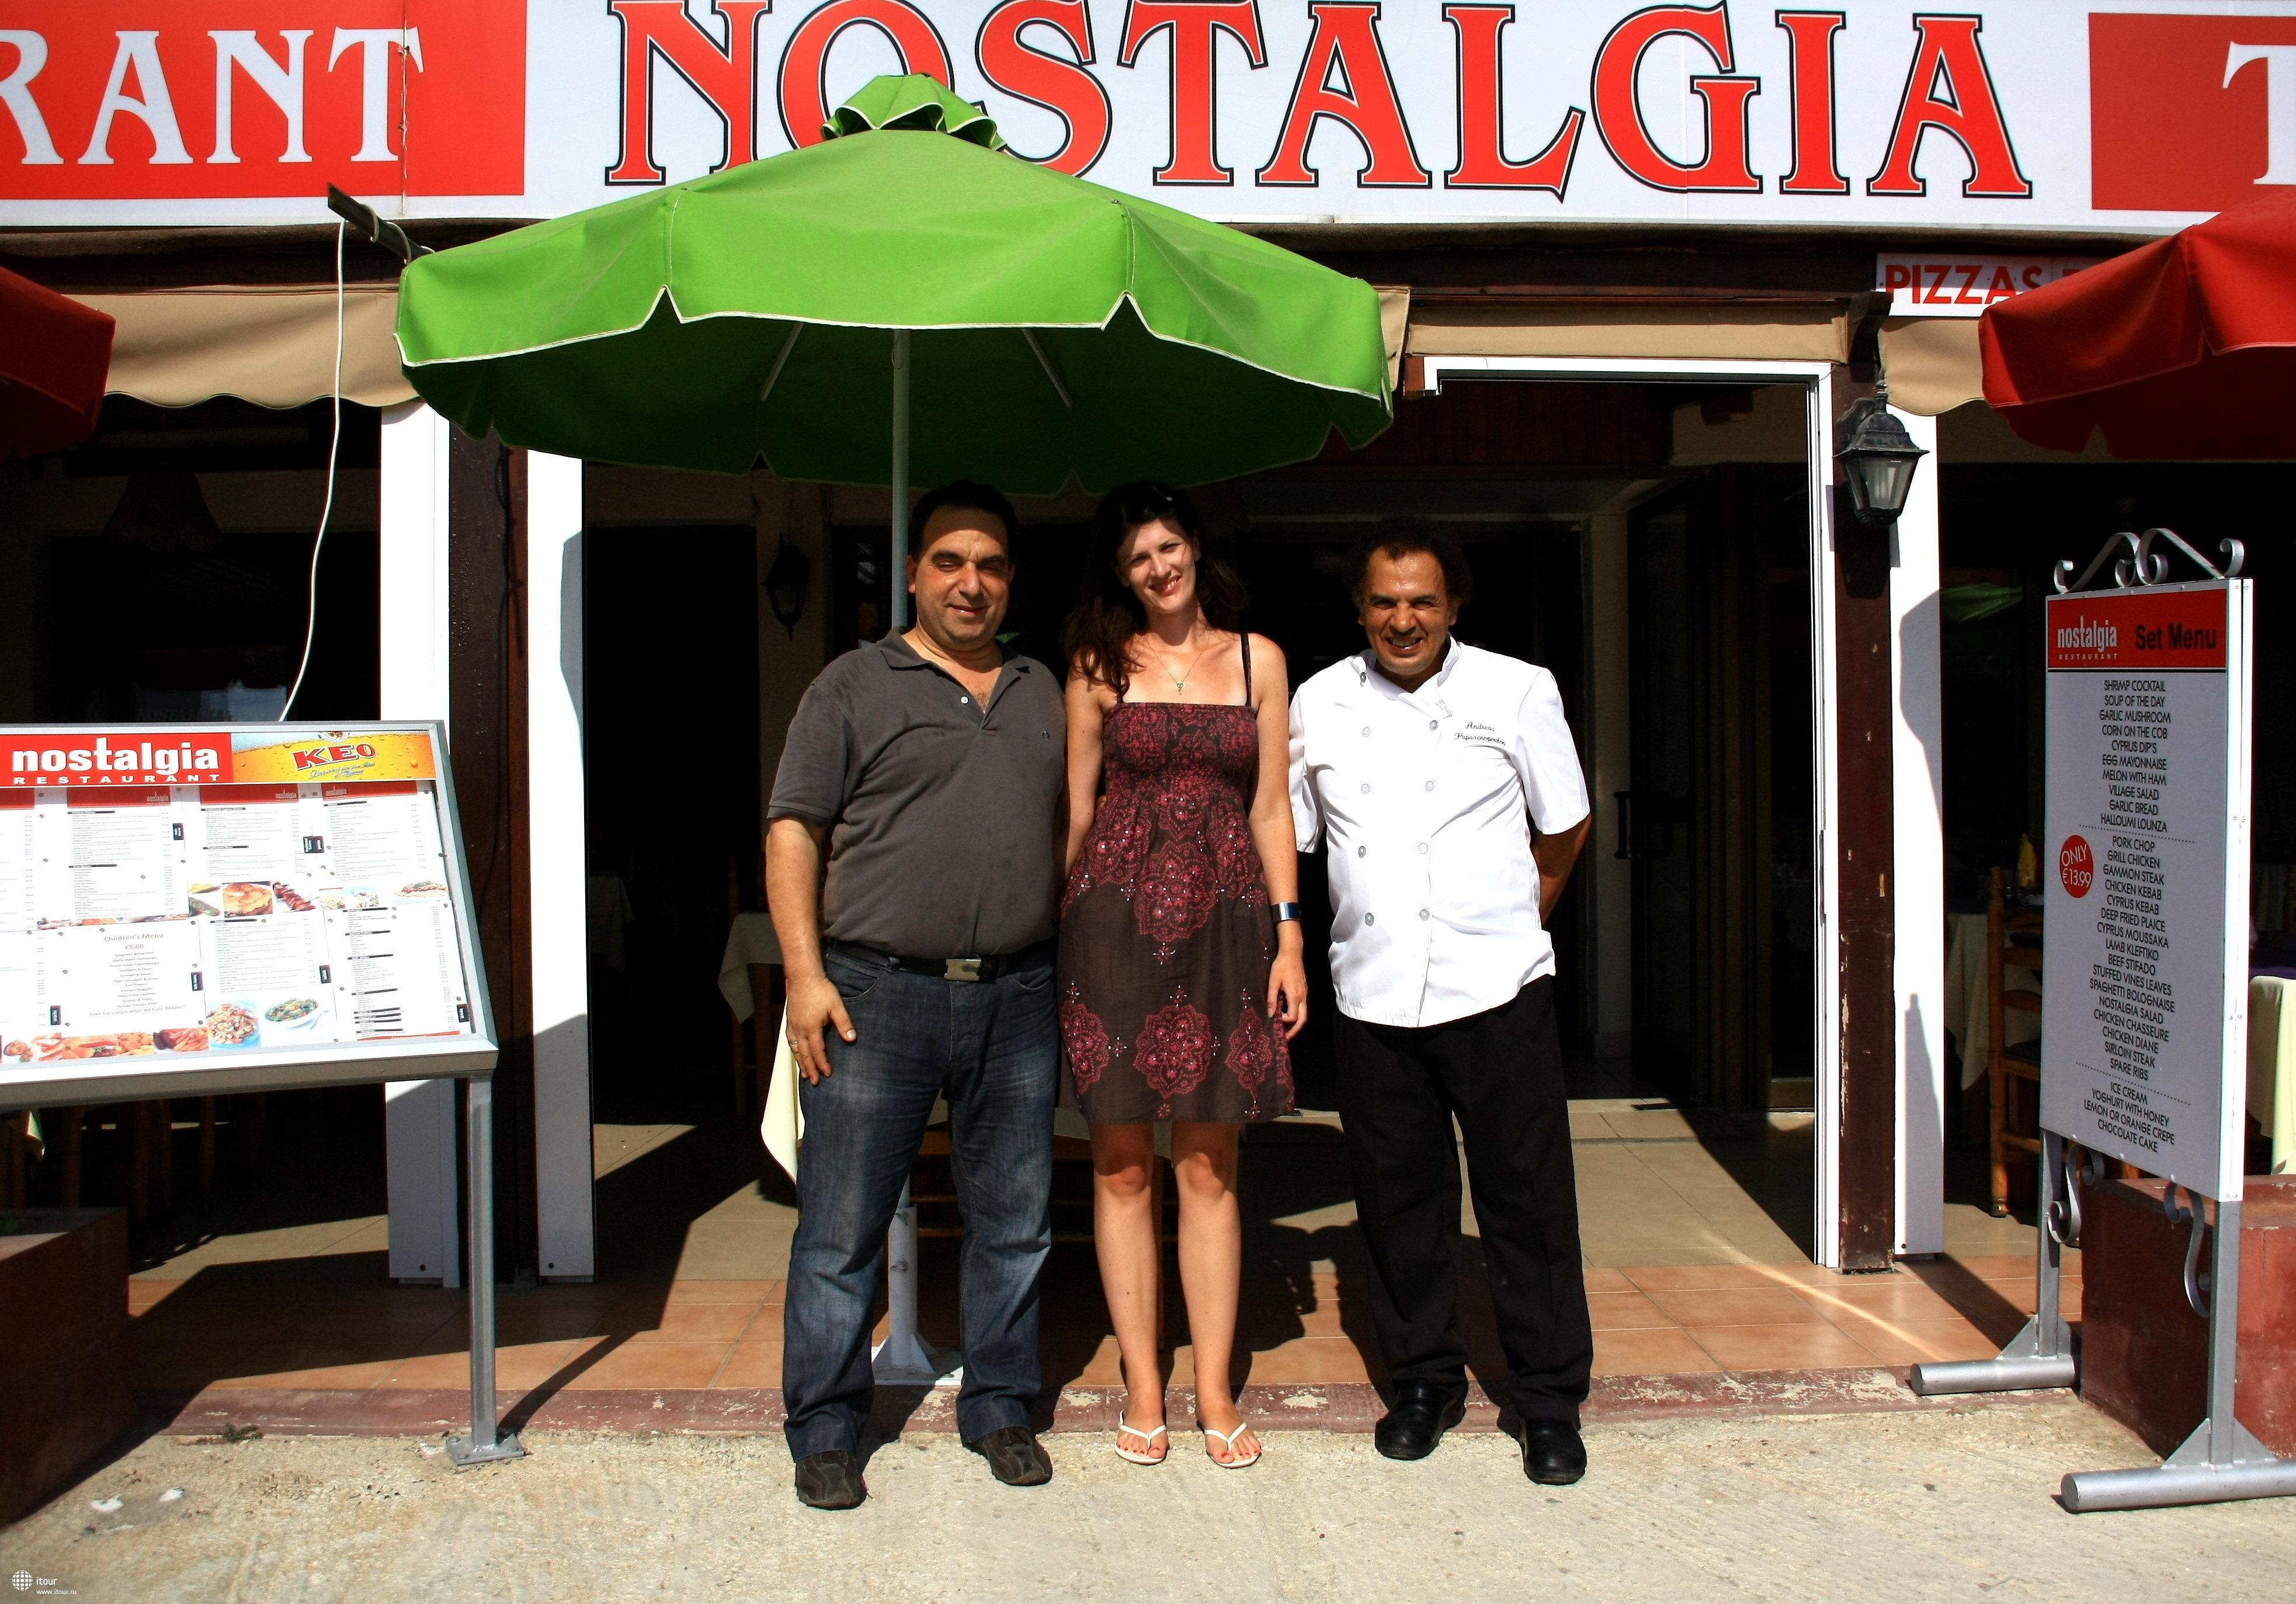 Обязательно посетите это ресторанчик-там невероятно вкусно готовят и отличный хозяин)